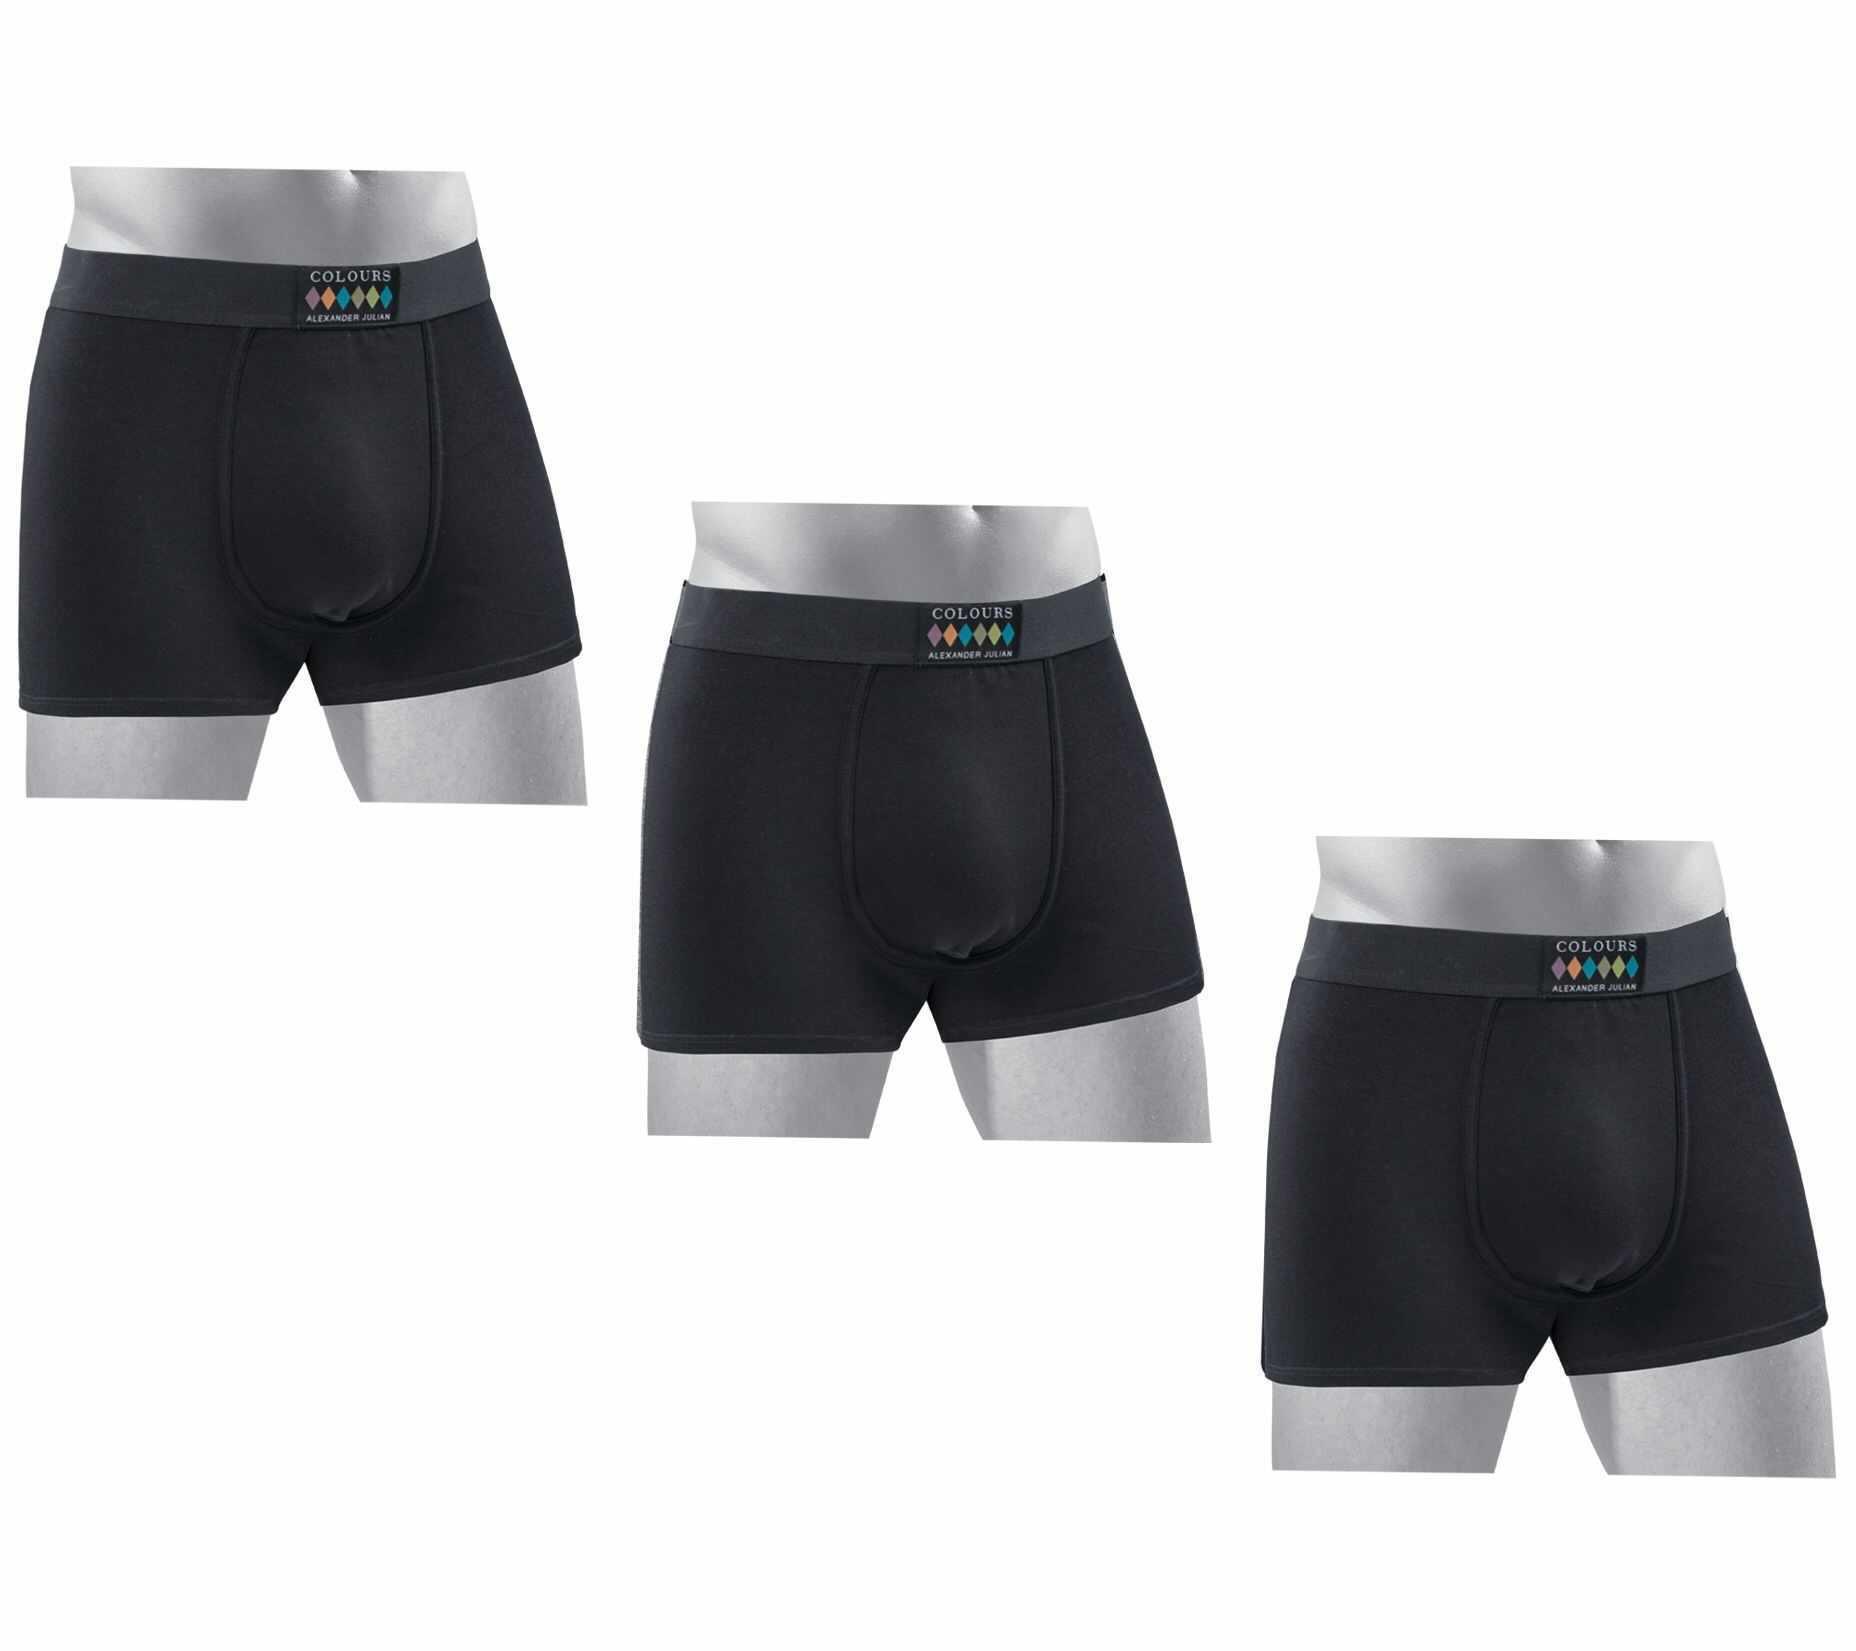 3 PAIRS of Designer Alexander Julian Ultra Soft Cotton Mens Boxer Briefs $14.99 (reg $35)